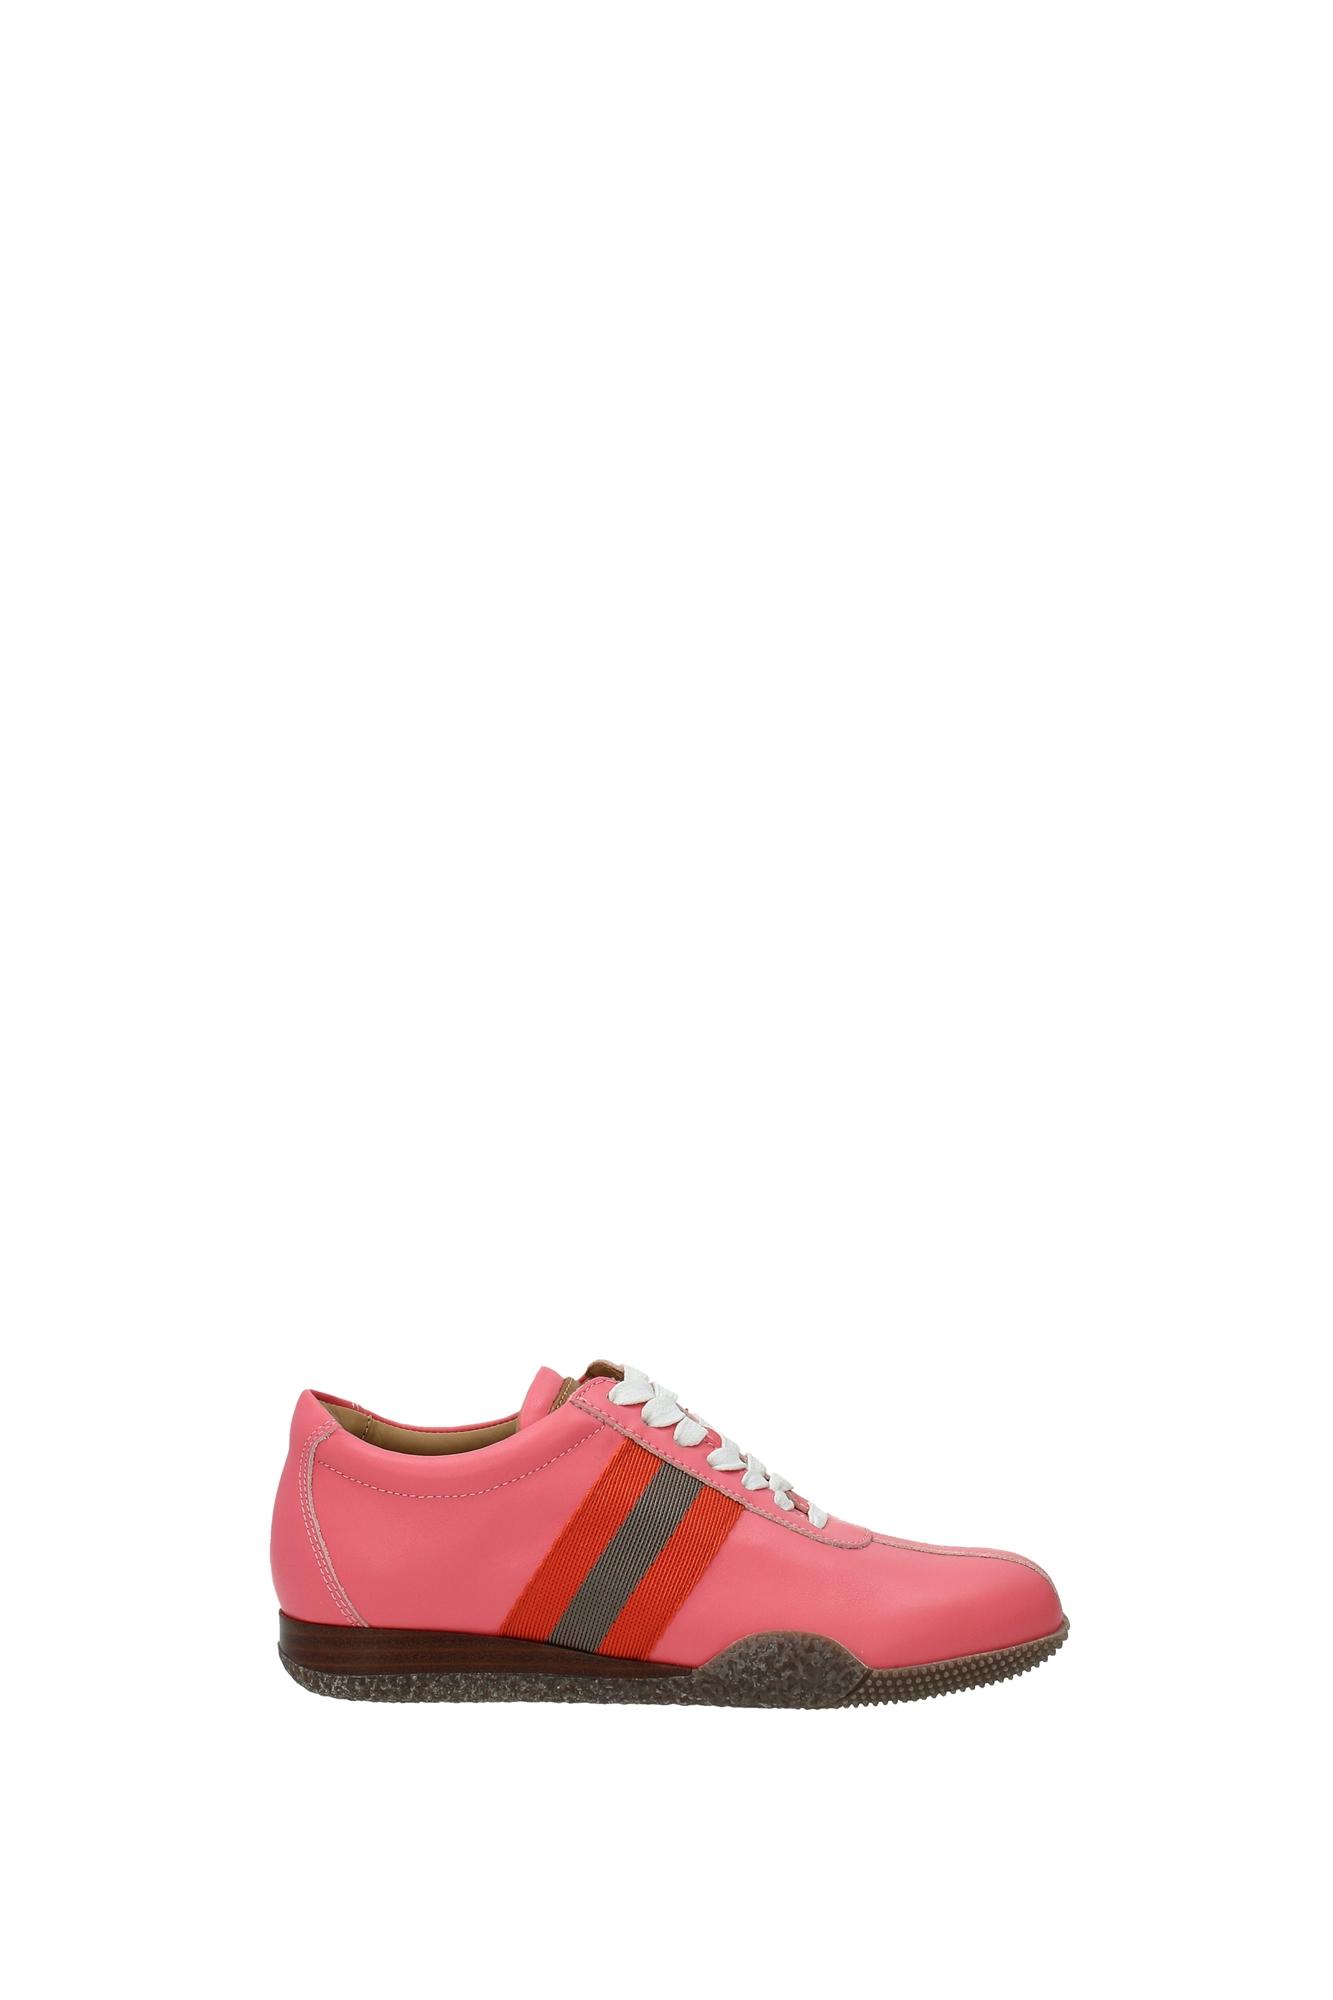 Sneakers Bally Bally Sneakers Damen - Leder (FRANCISCA606205809) a929bf